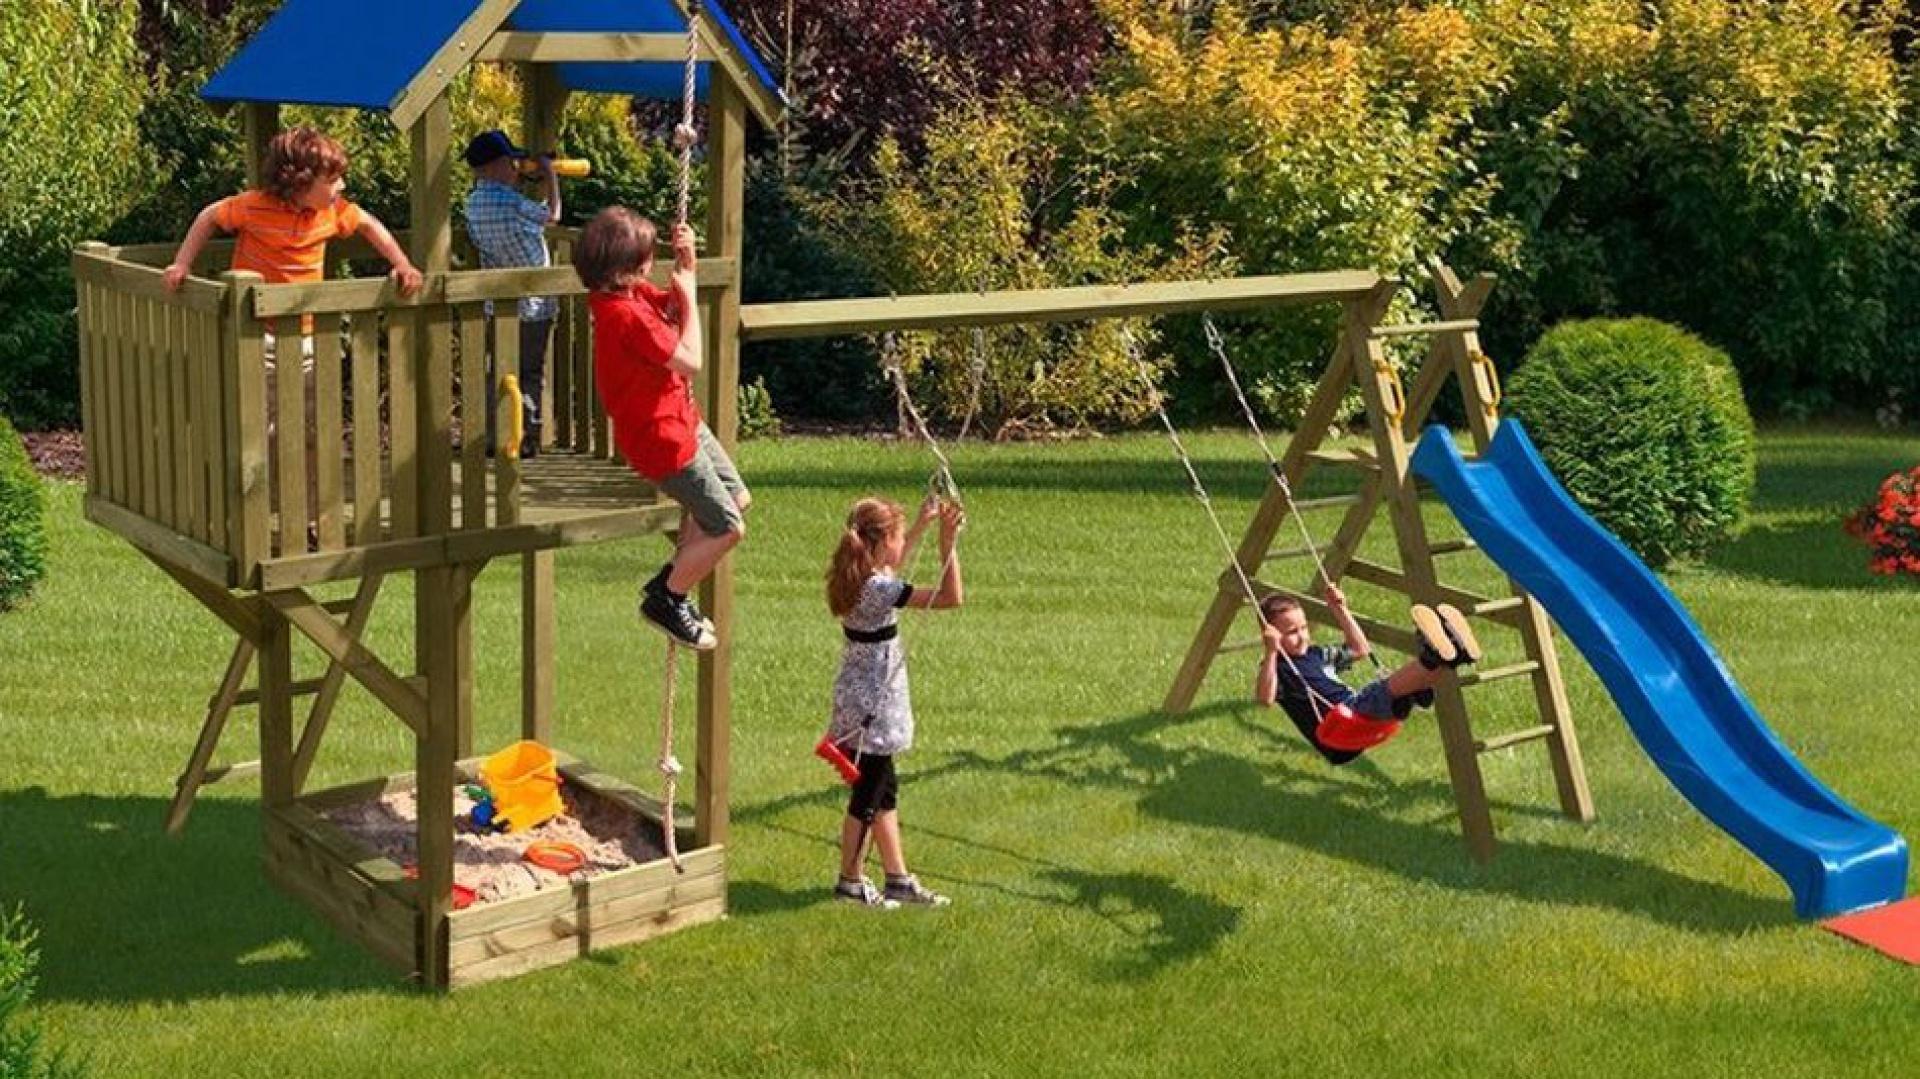 Zestaw do zabawy Multi-Play Big Snake doskonale sprawdzi się w dużym ogrodzie. Zestaw firmy Delta Gartenholz. Fot. Obi.